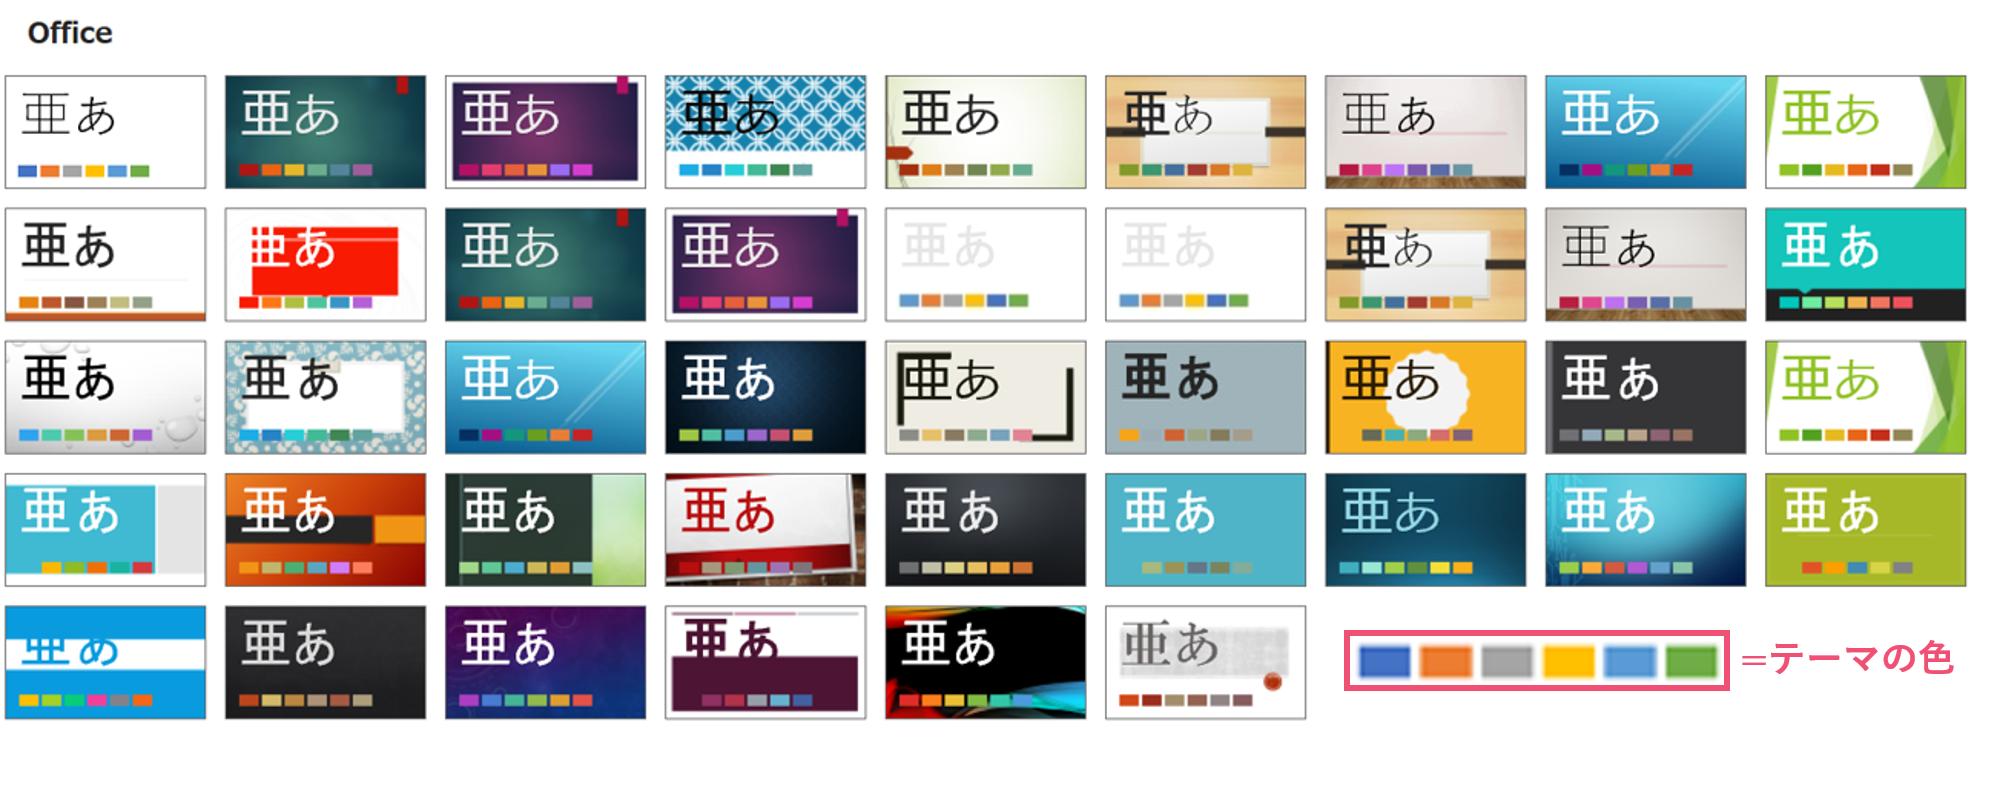 既存のテンプレートにはテーマの色が設定されている